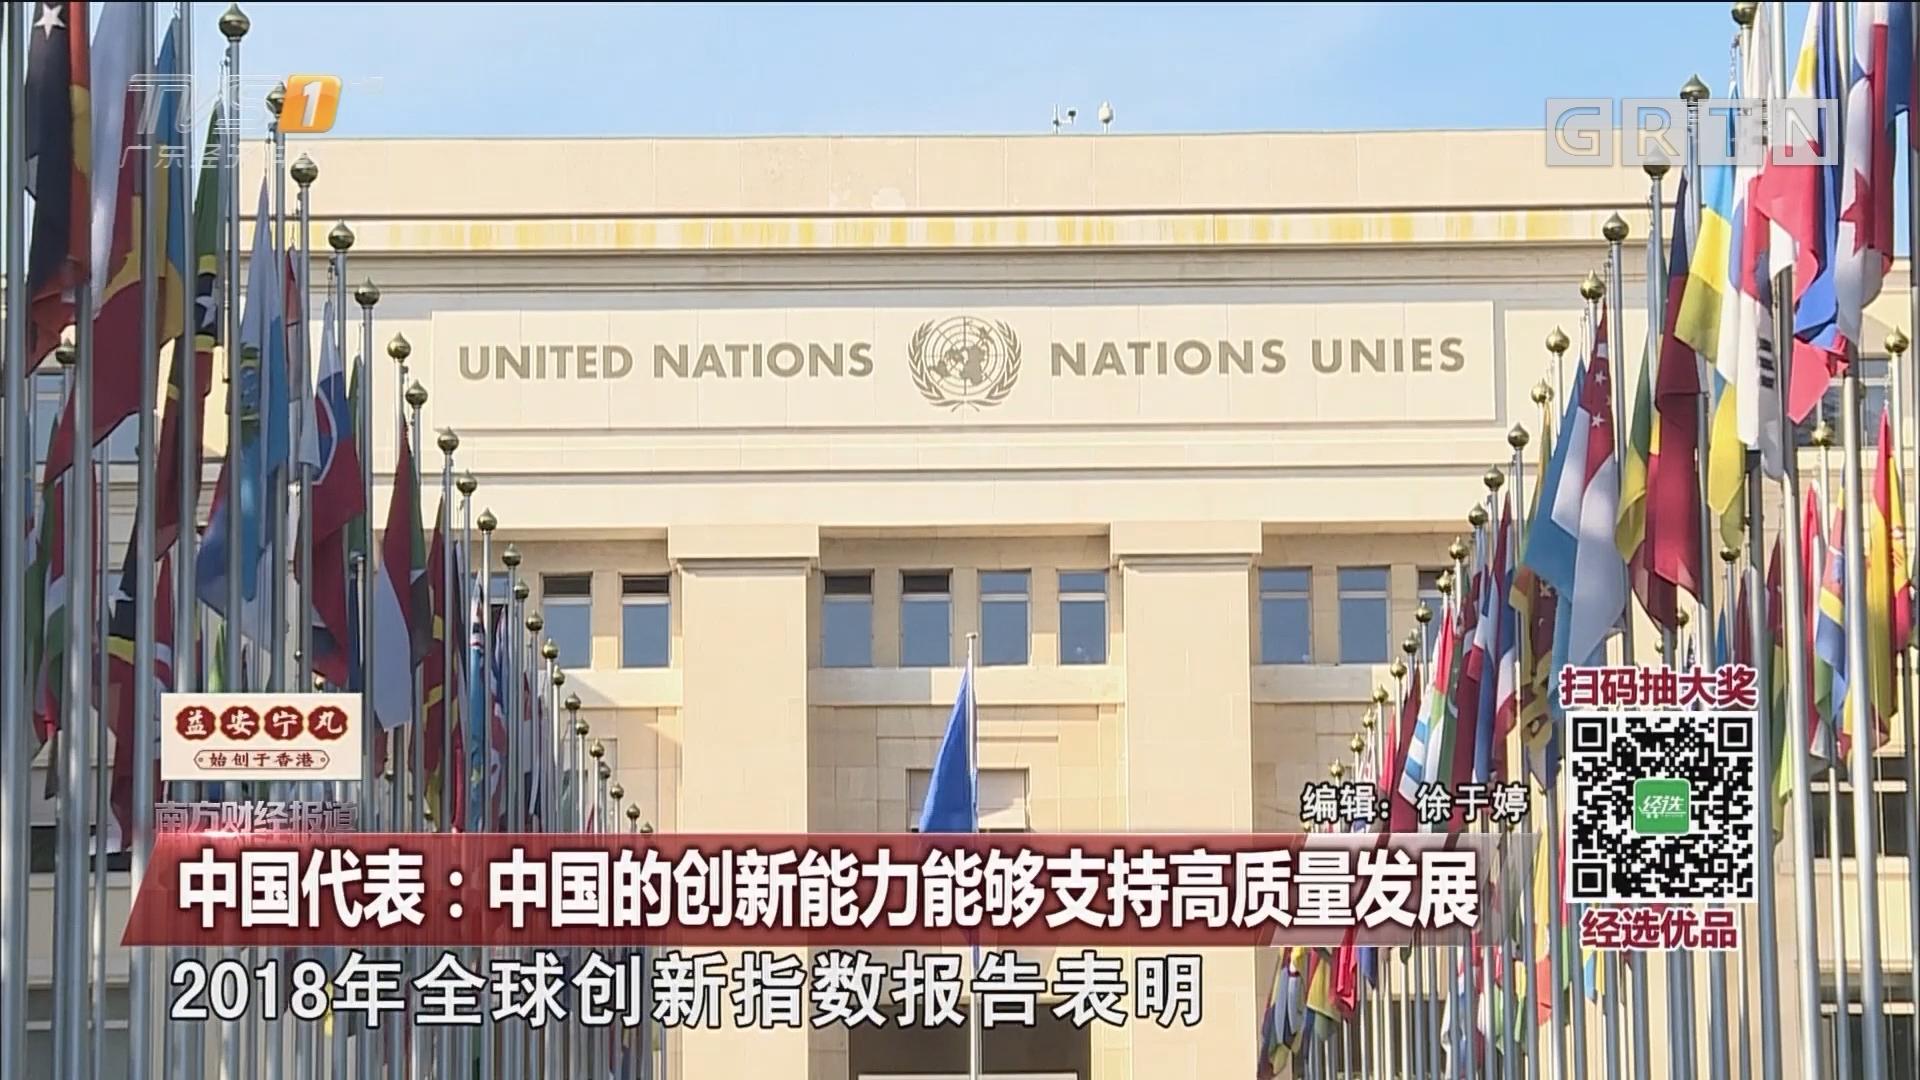 中国代表:中国的创新能力能够支持高质量发展